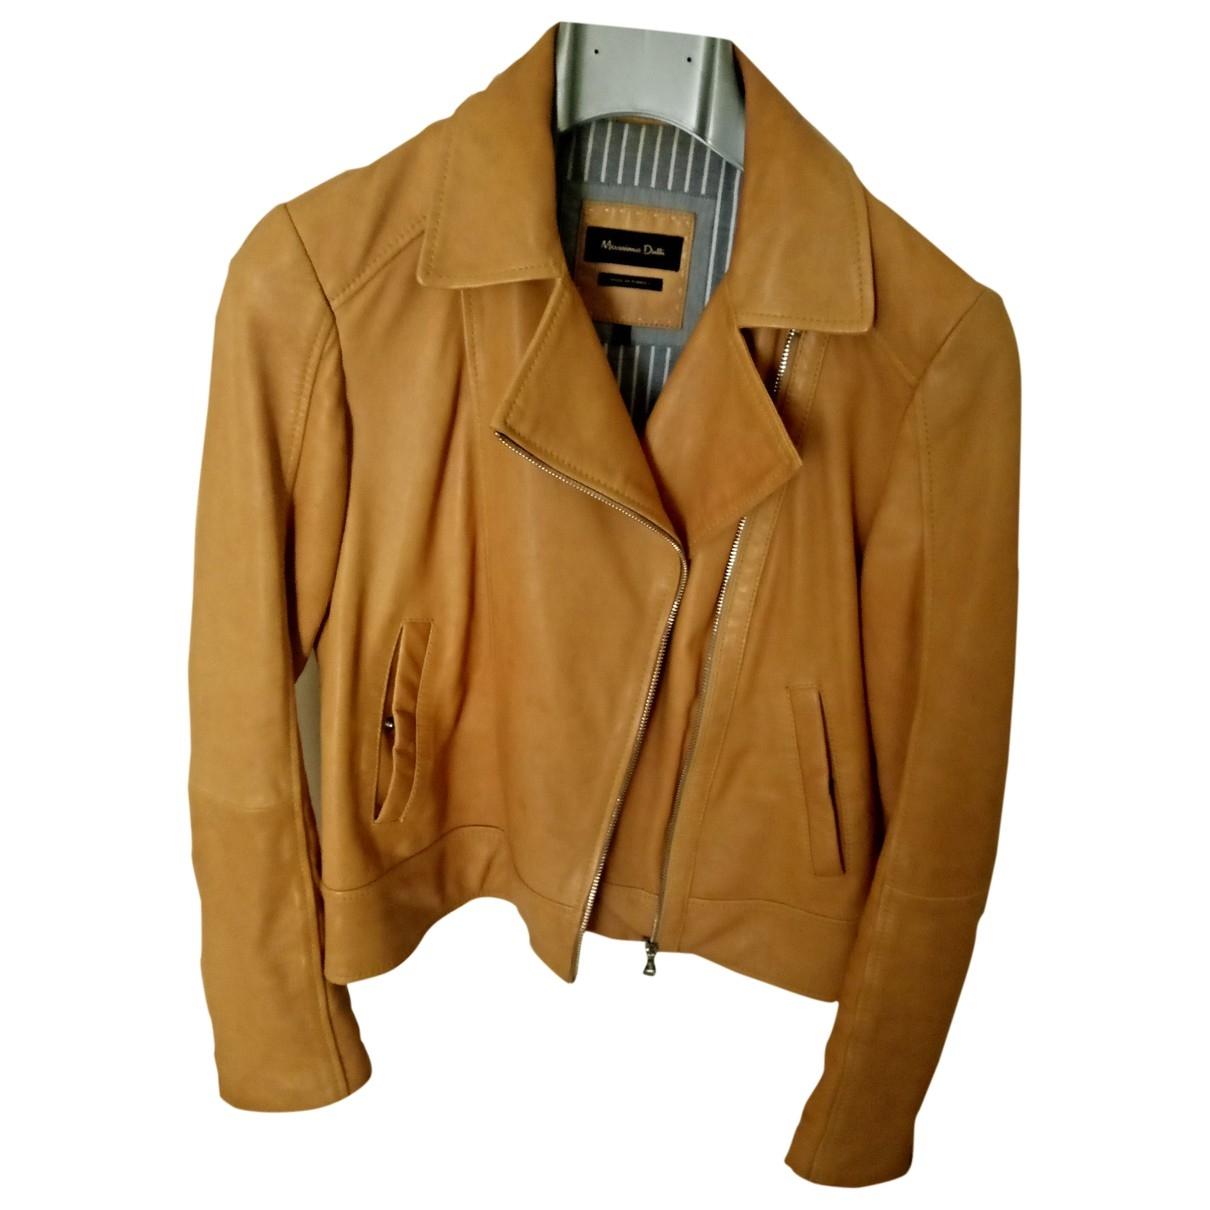 Massimo Dutti - Veste   pour femme en cuir - jaune